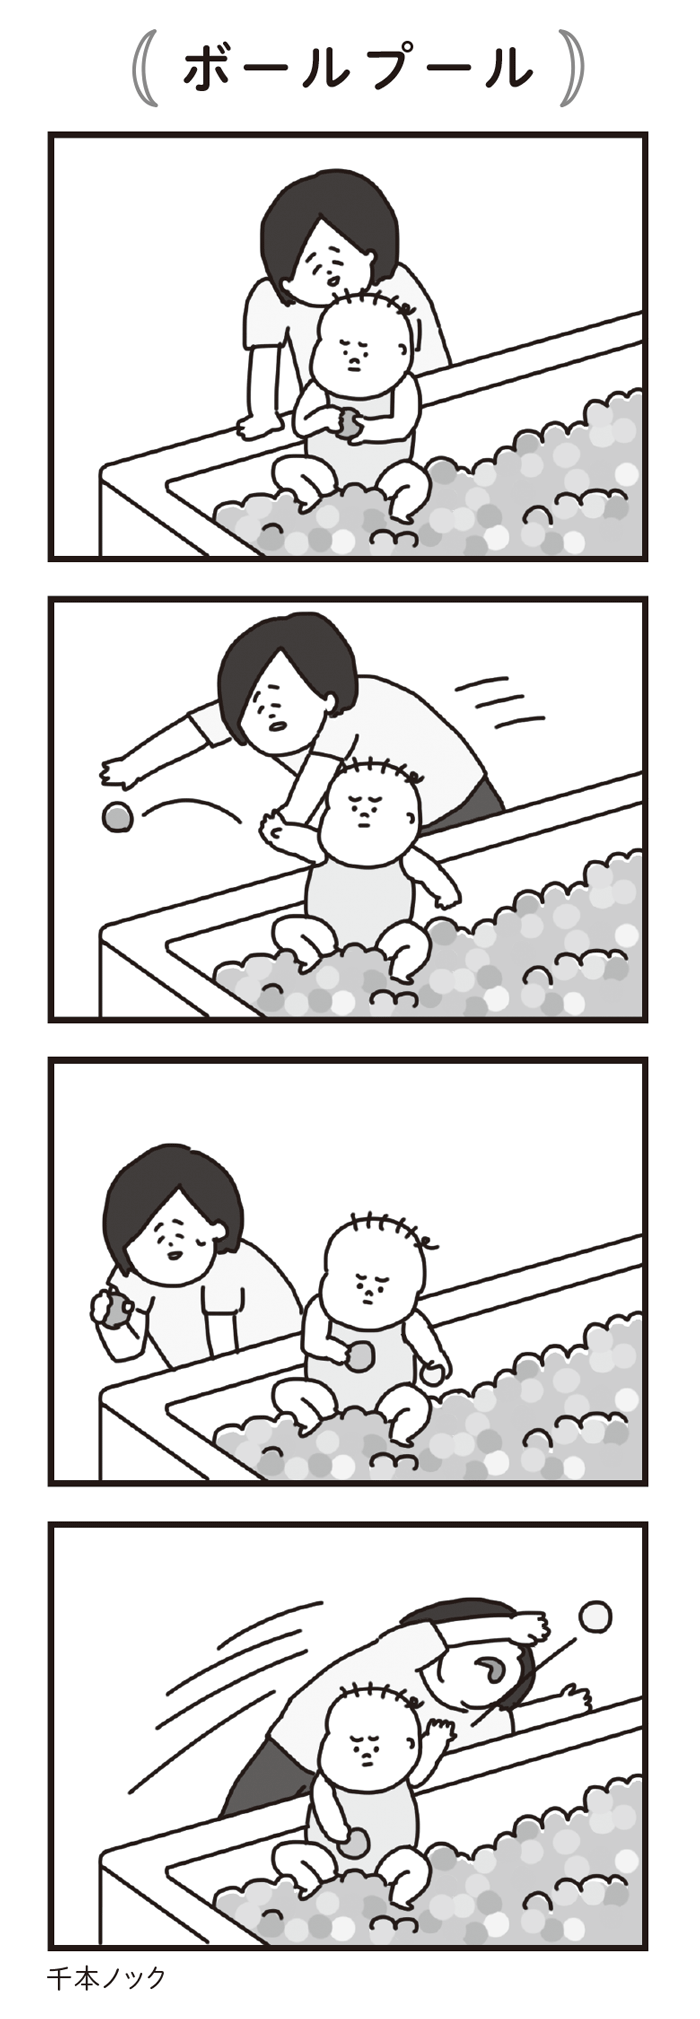 まるでオタ芸?赤ちゃんの不思議な動きはネタの宝庫!(笑)の画像11